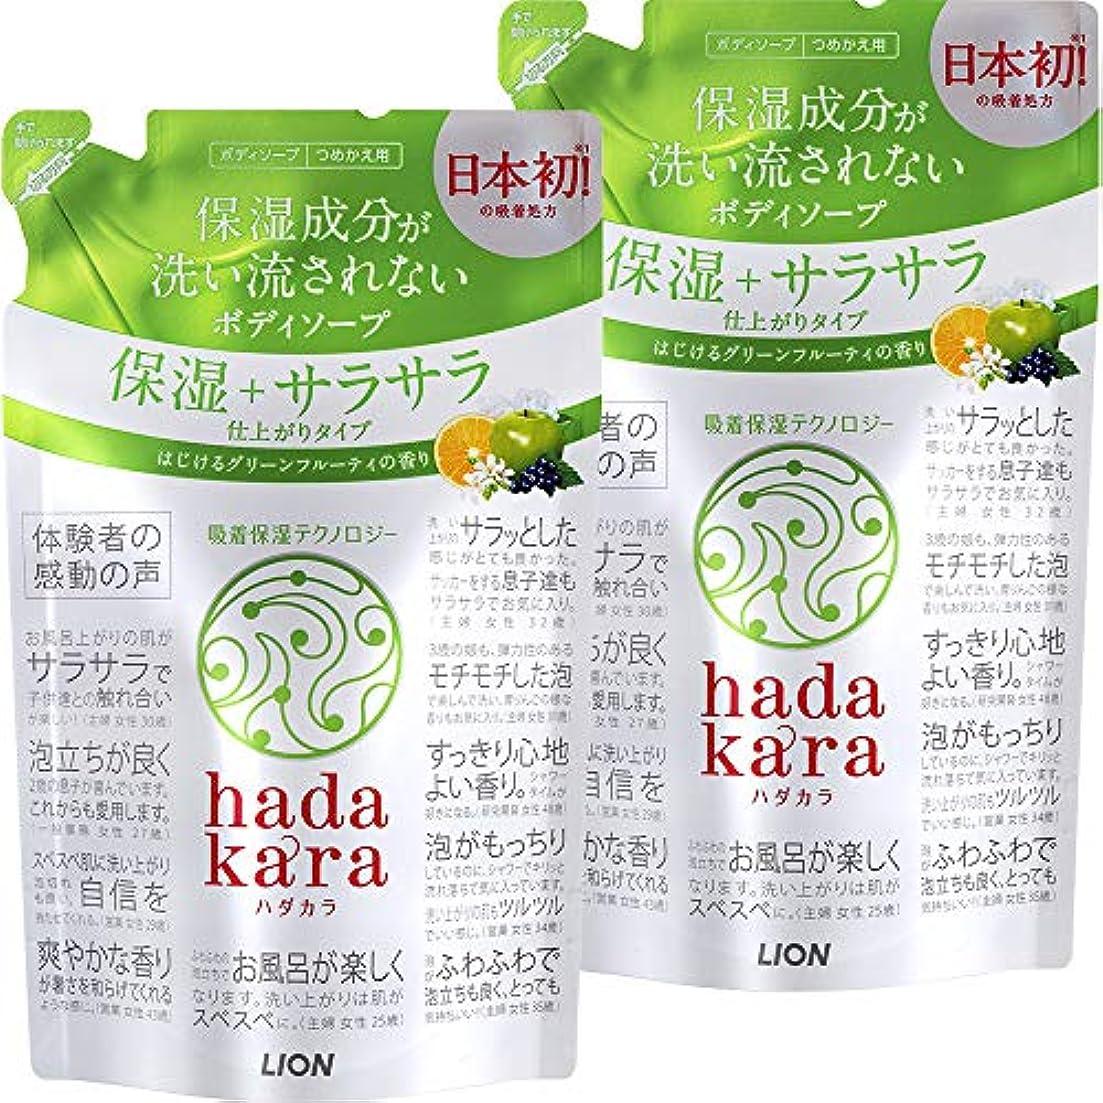 申し立てられた少ない進捗【まとめ買い】hadakara(ハダカラ) ボディソープ 保湿+サラサラ仕上がりタイプ グリーンフルーティの香り 詰め替え 340ml×2個パック